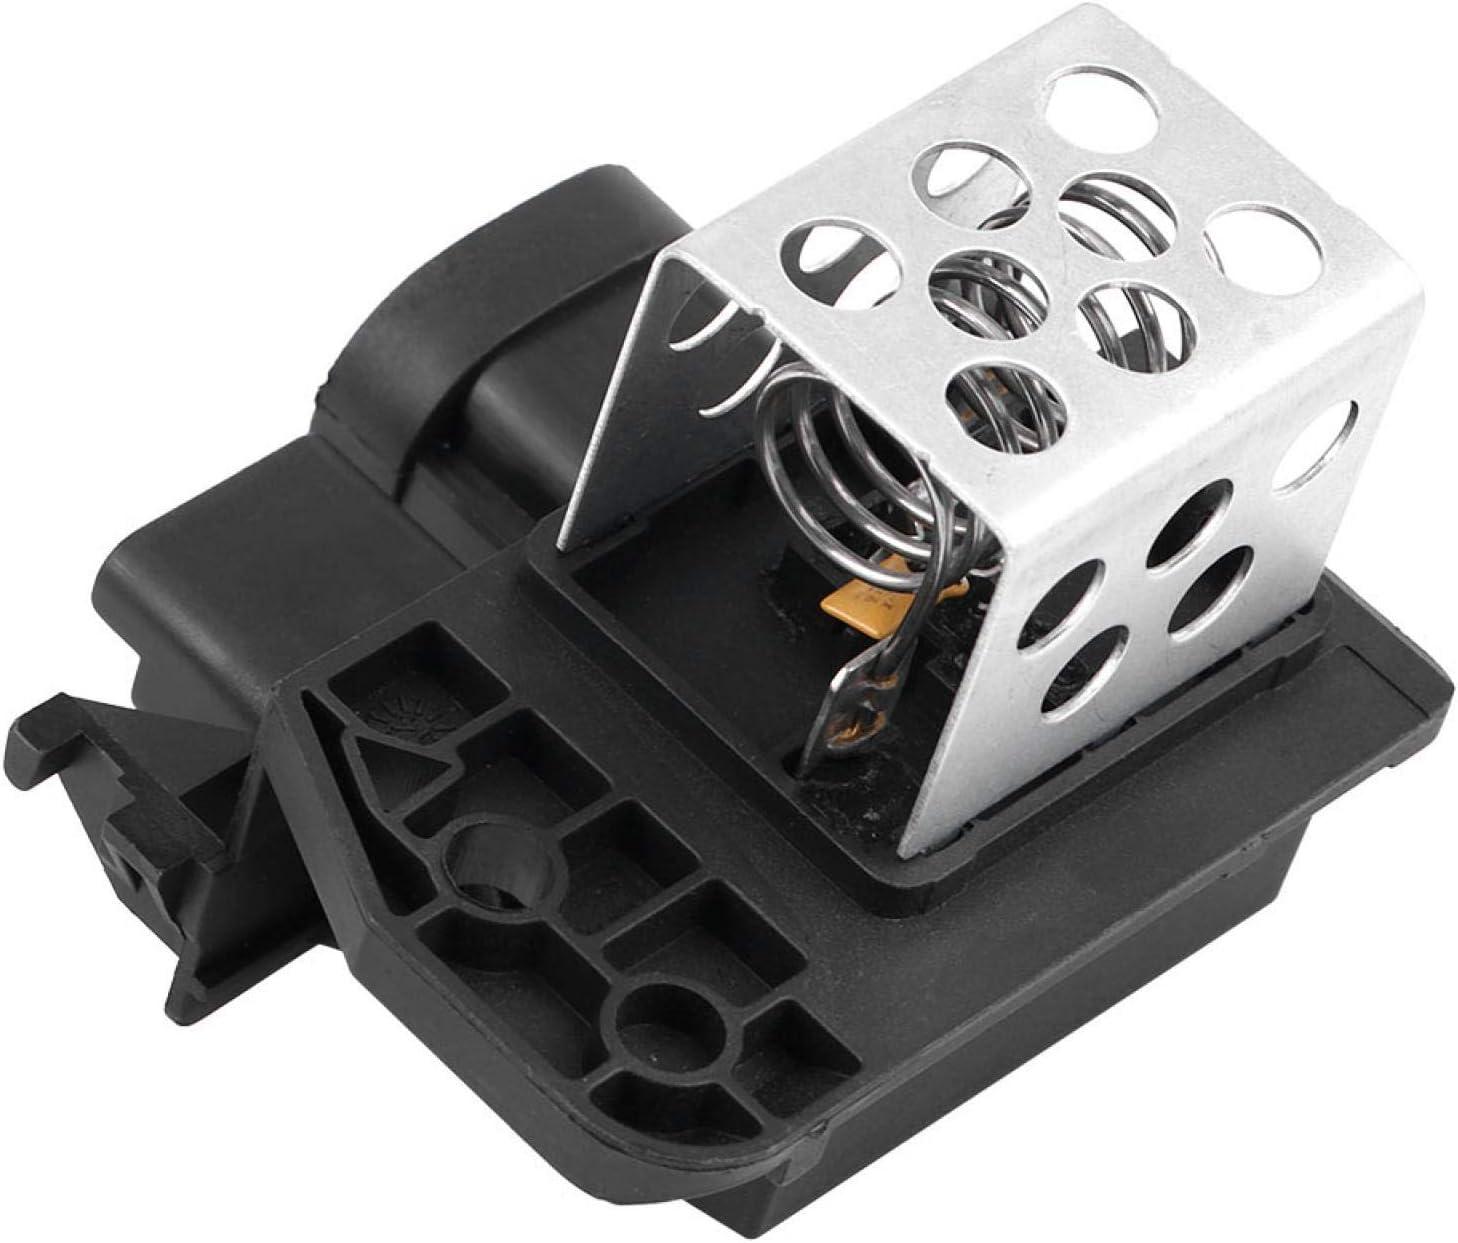 Resistencia del motor del ventilador Resistencia del motor del ventilador para C1 C4 107206307 Partner 9673999880